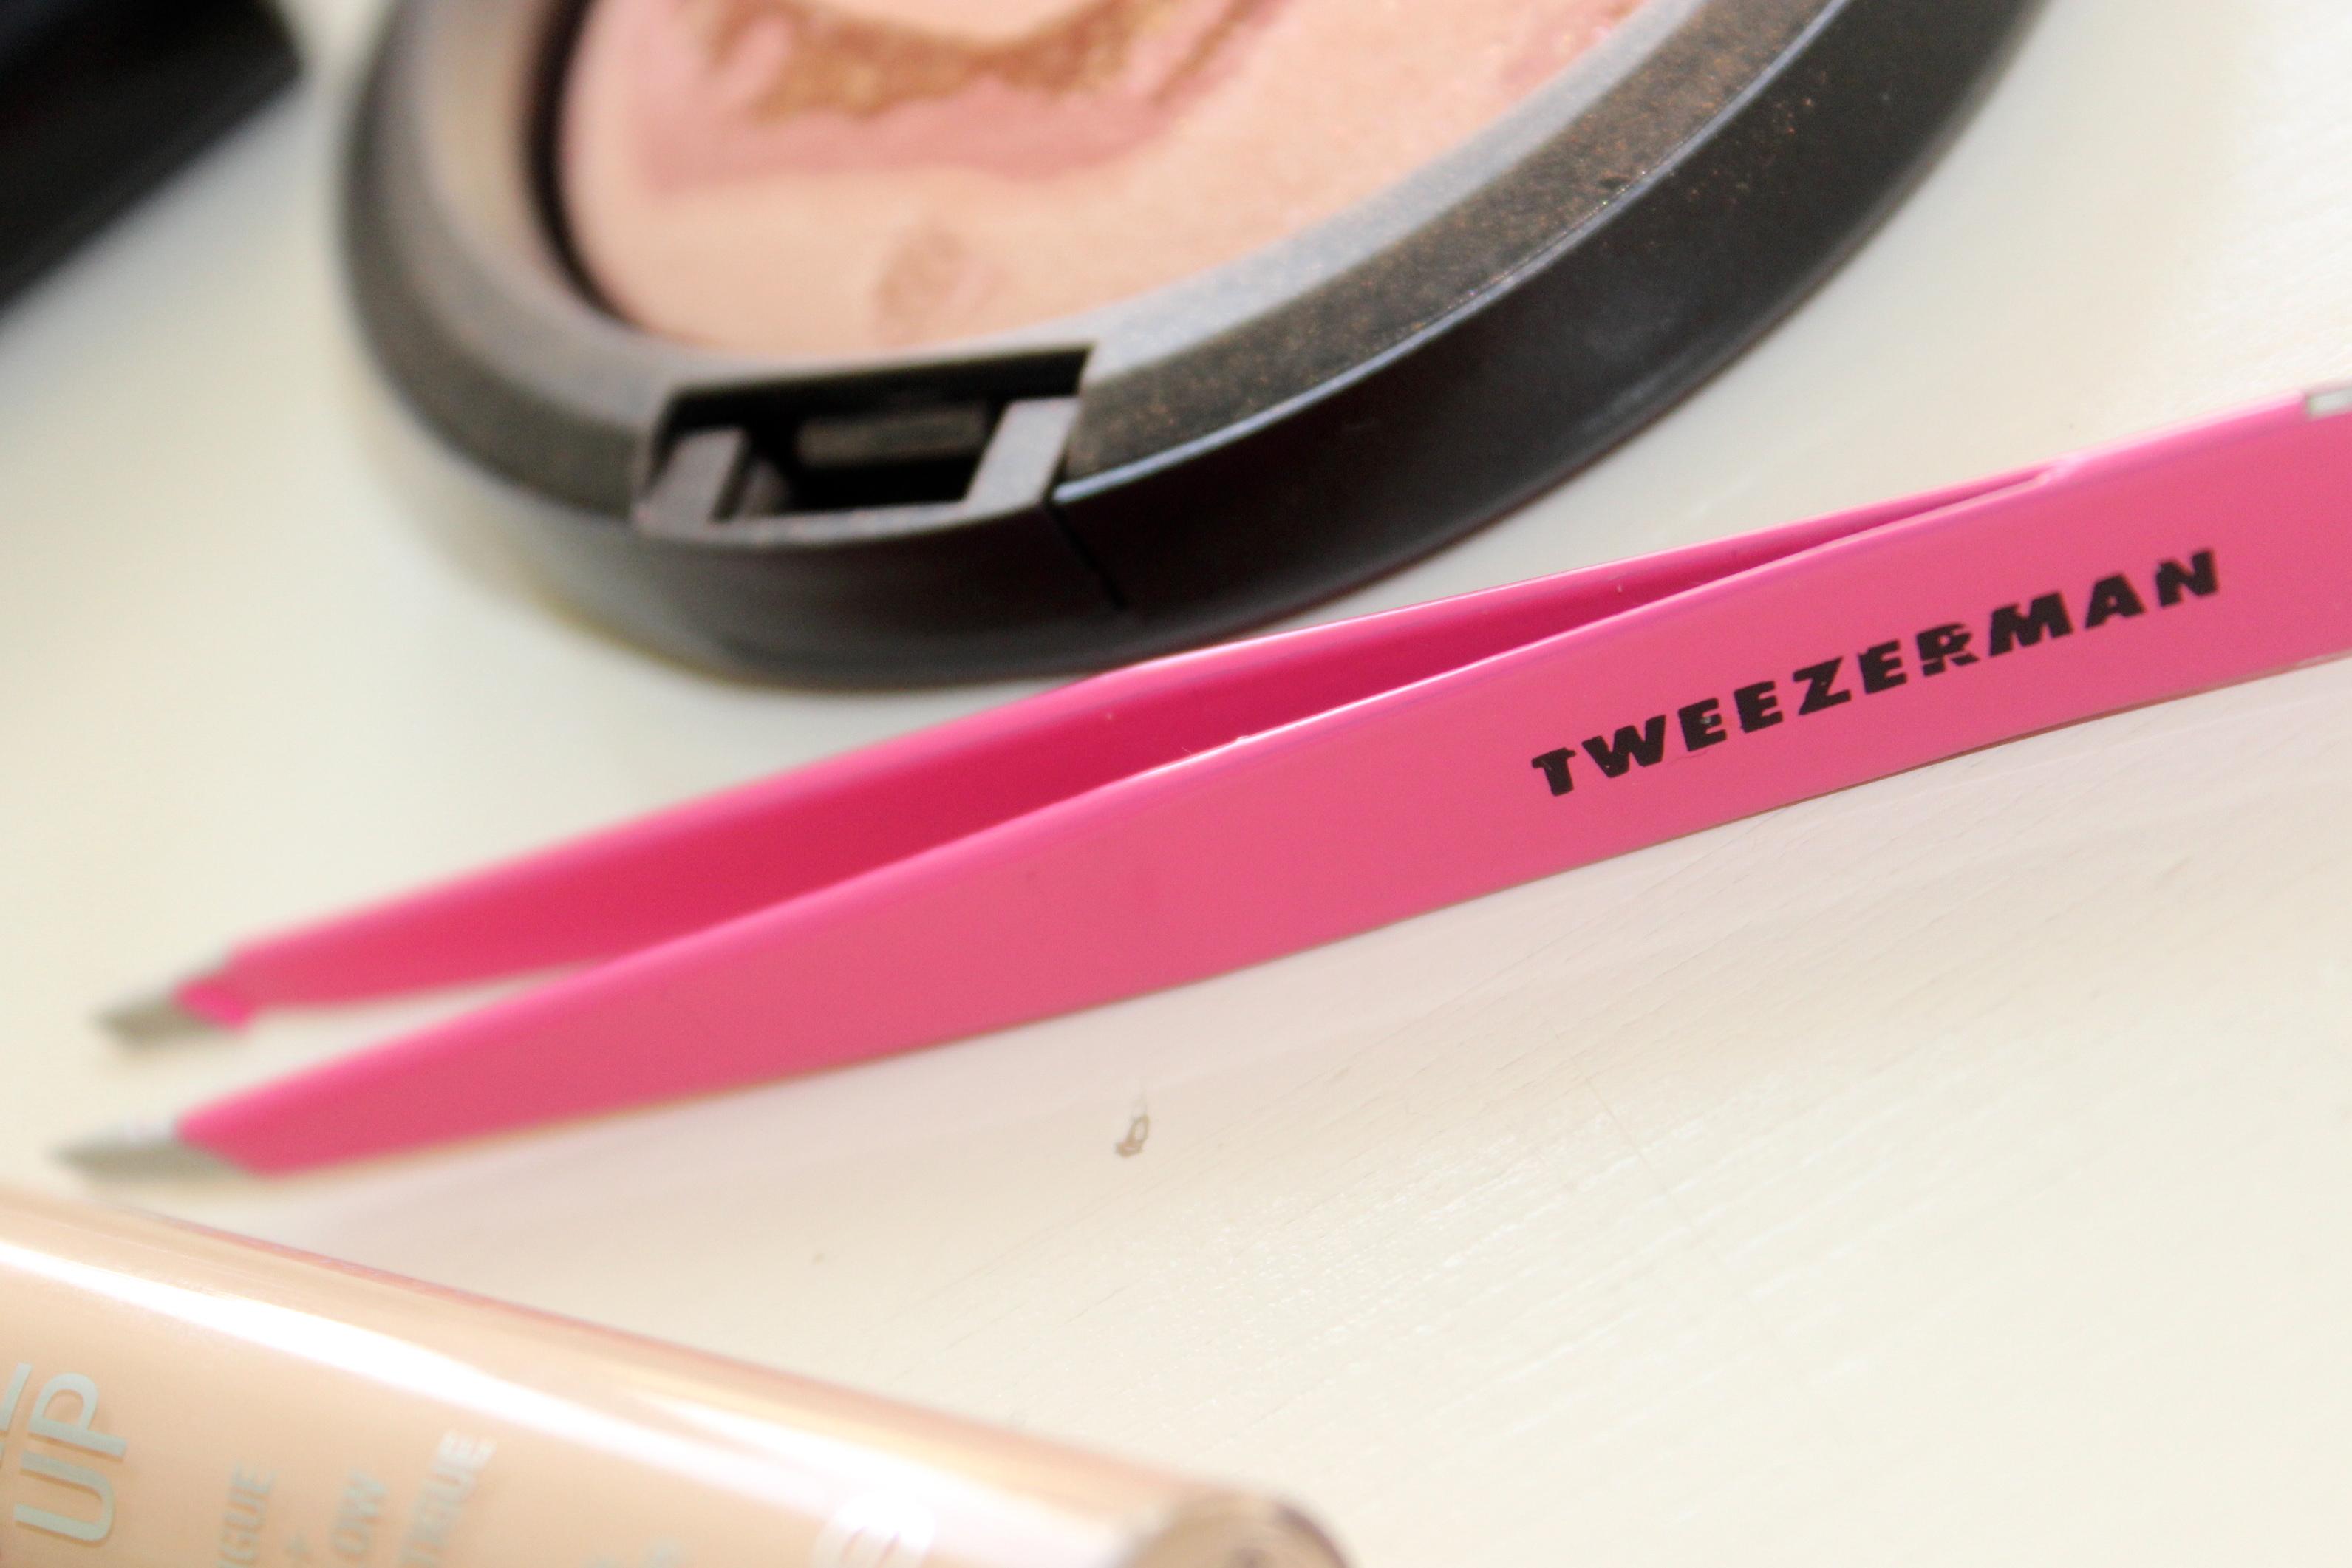 Tweezers Tweezerman pink